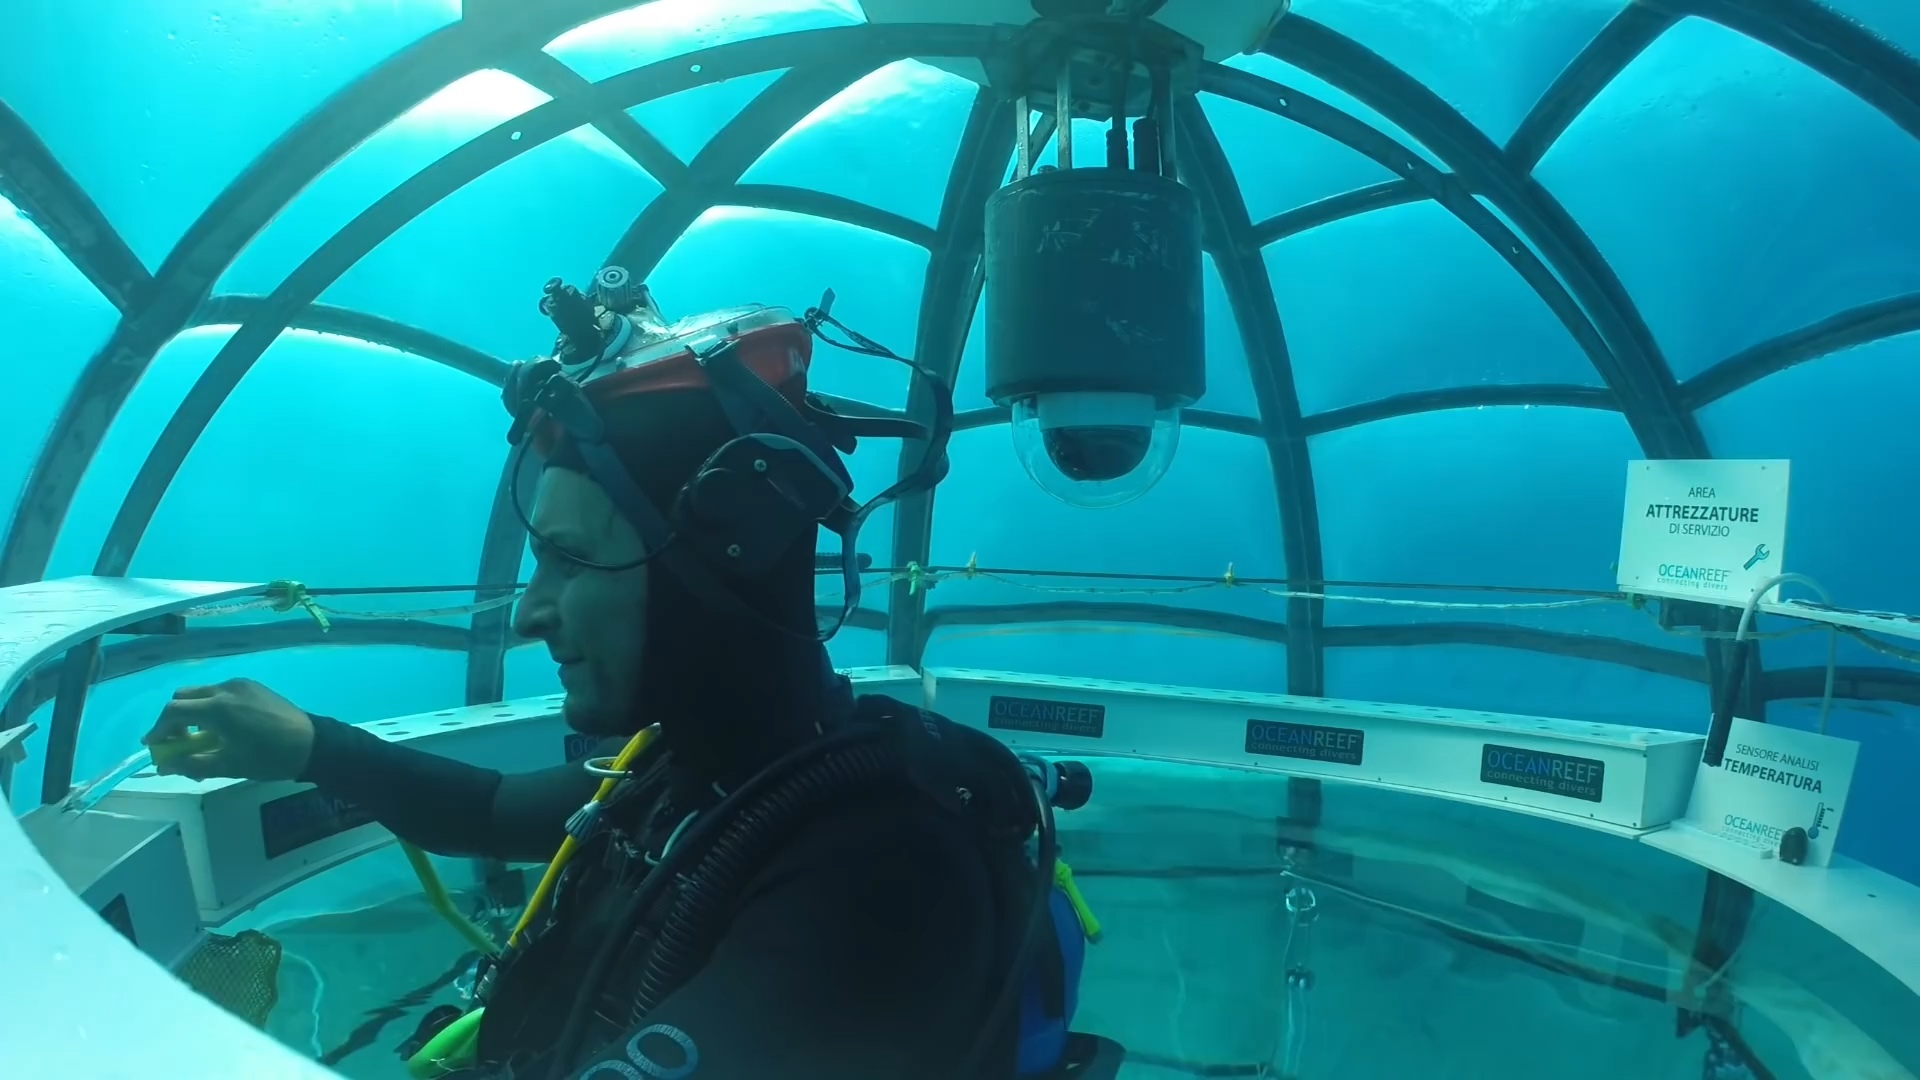 Сад Немо подводные культивации для увеличения производства продуктов питания Sergio Gemberini, генеральный директор итальянской компании Ocean Reef, создал Nemo Garden. Владелец двух компаний, занимающийся подводным плаванием в Италии и Калифорнии, во время отпуска в Ноли, придумал интересную идею выращивания растений в море. У Серхио Гамберини возникла идея сада под водой, он мечтал превратить подводное плавание в более интерактивную деятельность. Его первоначальный план состоял в том, чтобы закрепить шар гибкого материала, содержащий вазу с заводом до морского дна. К его удивлению, завод не умер и вырос. Следующим шагом было применить тот же метод, используя семена, которые прорастали в течение 36 часов. На участке площадью 15 м2 в настоящее время имеется семь биосфер, каждая из которых имеет размер комнаты. В каждой сфере насчитывается около 60 растений, питаемых гидропонными инструментами и орошаемых гравитационными системами. Это базилик, чеснок, редис, капуста и клубника, просто чтобы привести некоторые примеры. Специалисты по дайвингу склонны утверждать, что эти растения не будут иметь тех же характеристик, что и на земле. Sergio Gemberini утверждает, что «море самодостаточное, свободный инкубатор». В заливе Ноли Noli температура воды довольно стабильна и, следовательно, предлагает растениям постоянный тепловое питание. Со своей стороны, вода моря действует как фильтр, увлажняя растительный покров. В результате растения, выращиваемые под водой, являются более здоровыми и более качественными. Аромат и вкус  более интенсивны, чем у растений, выращенных на Земле. Биосферы - идеальные теплицы, так как никакие паразиты не могут их достичь. Поэтому отпадает необходимость в пестицидах или других химических веществах. Естественное испарение обеспечивает испарение пресной воды внутри сфер, позволяет систематически орошать растения. Кроме того, эксперименты показали, что эти растения растут быстрее, чем их терригенные коллеги. Серхио Гамберини работает с экспертами в о